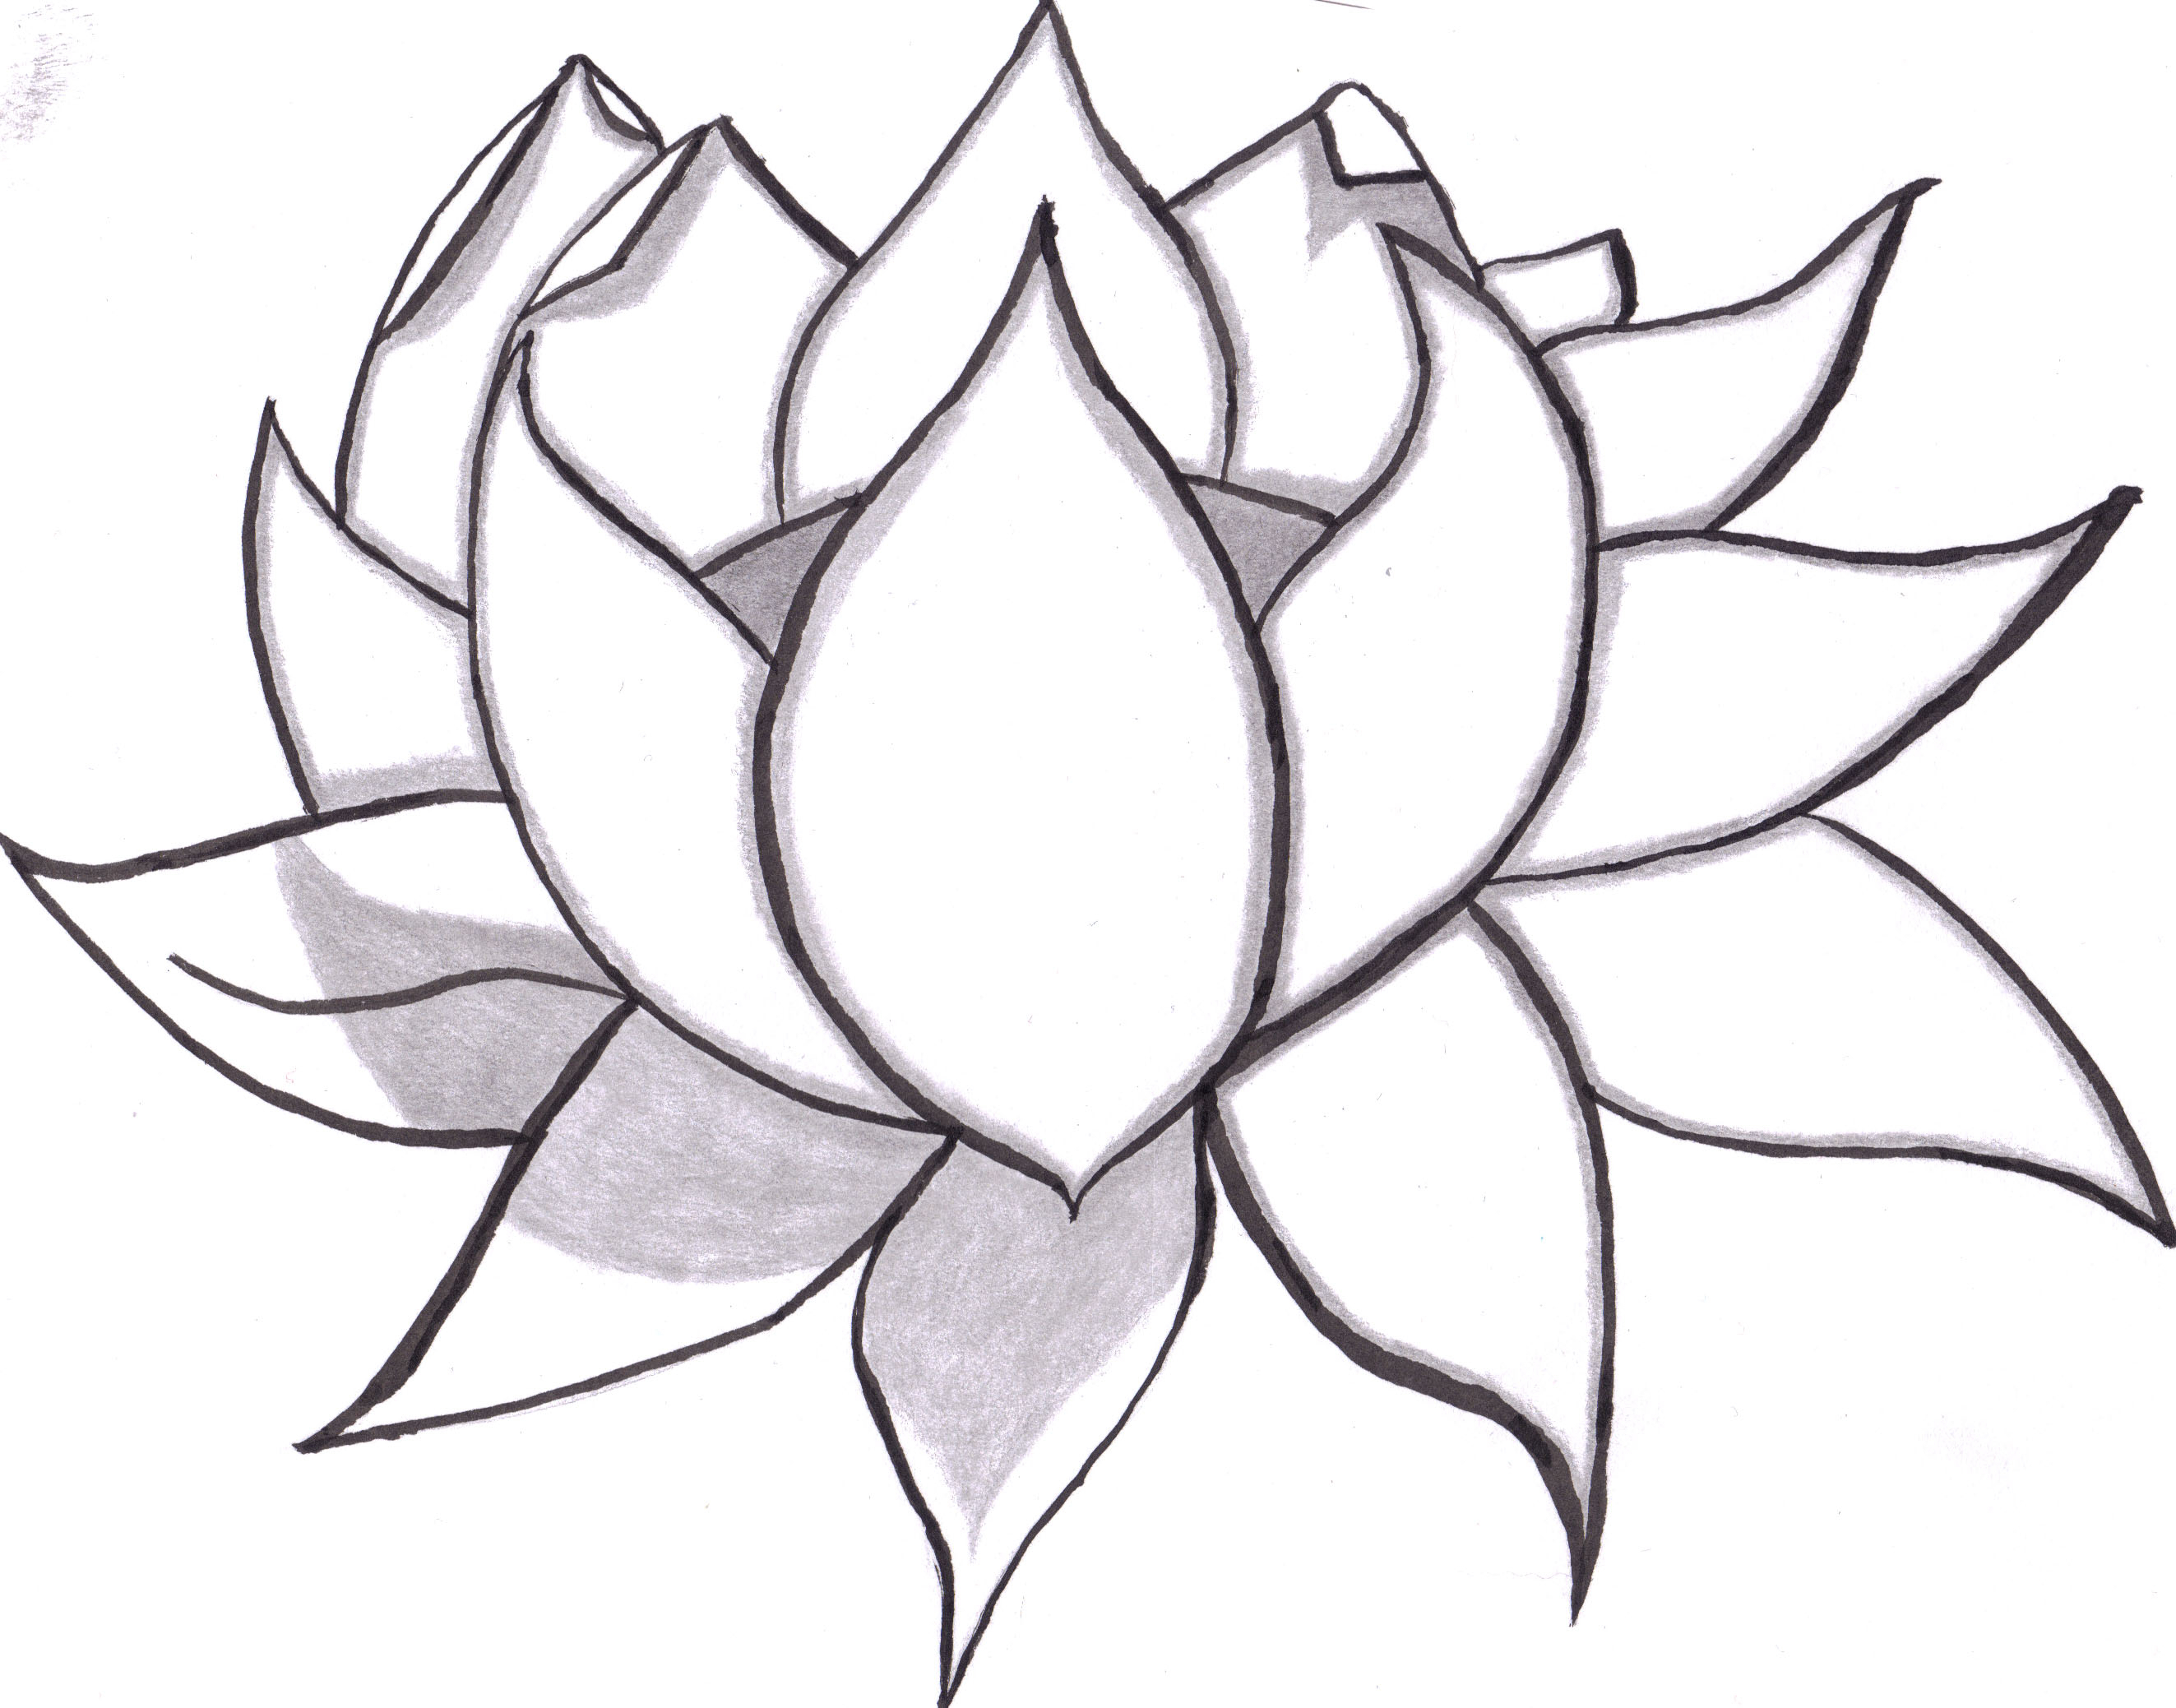 2646x2077 Drawings Of Japanese Flowers Japanese Flower Drawing Lotus Flower